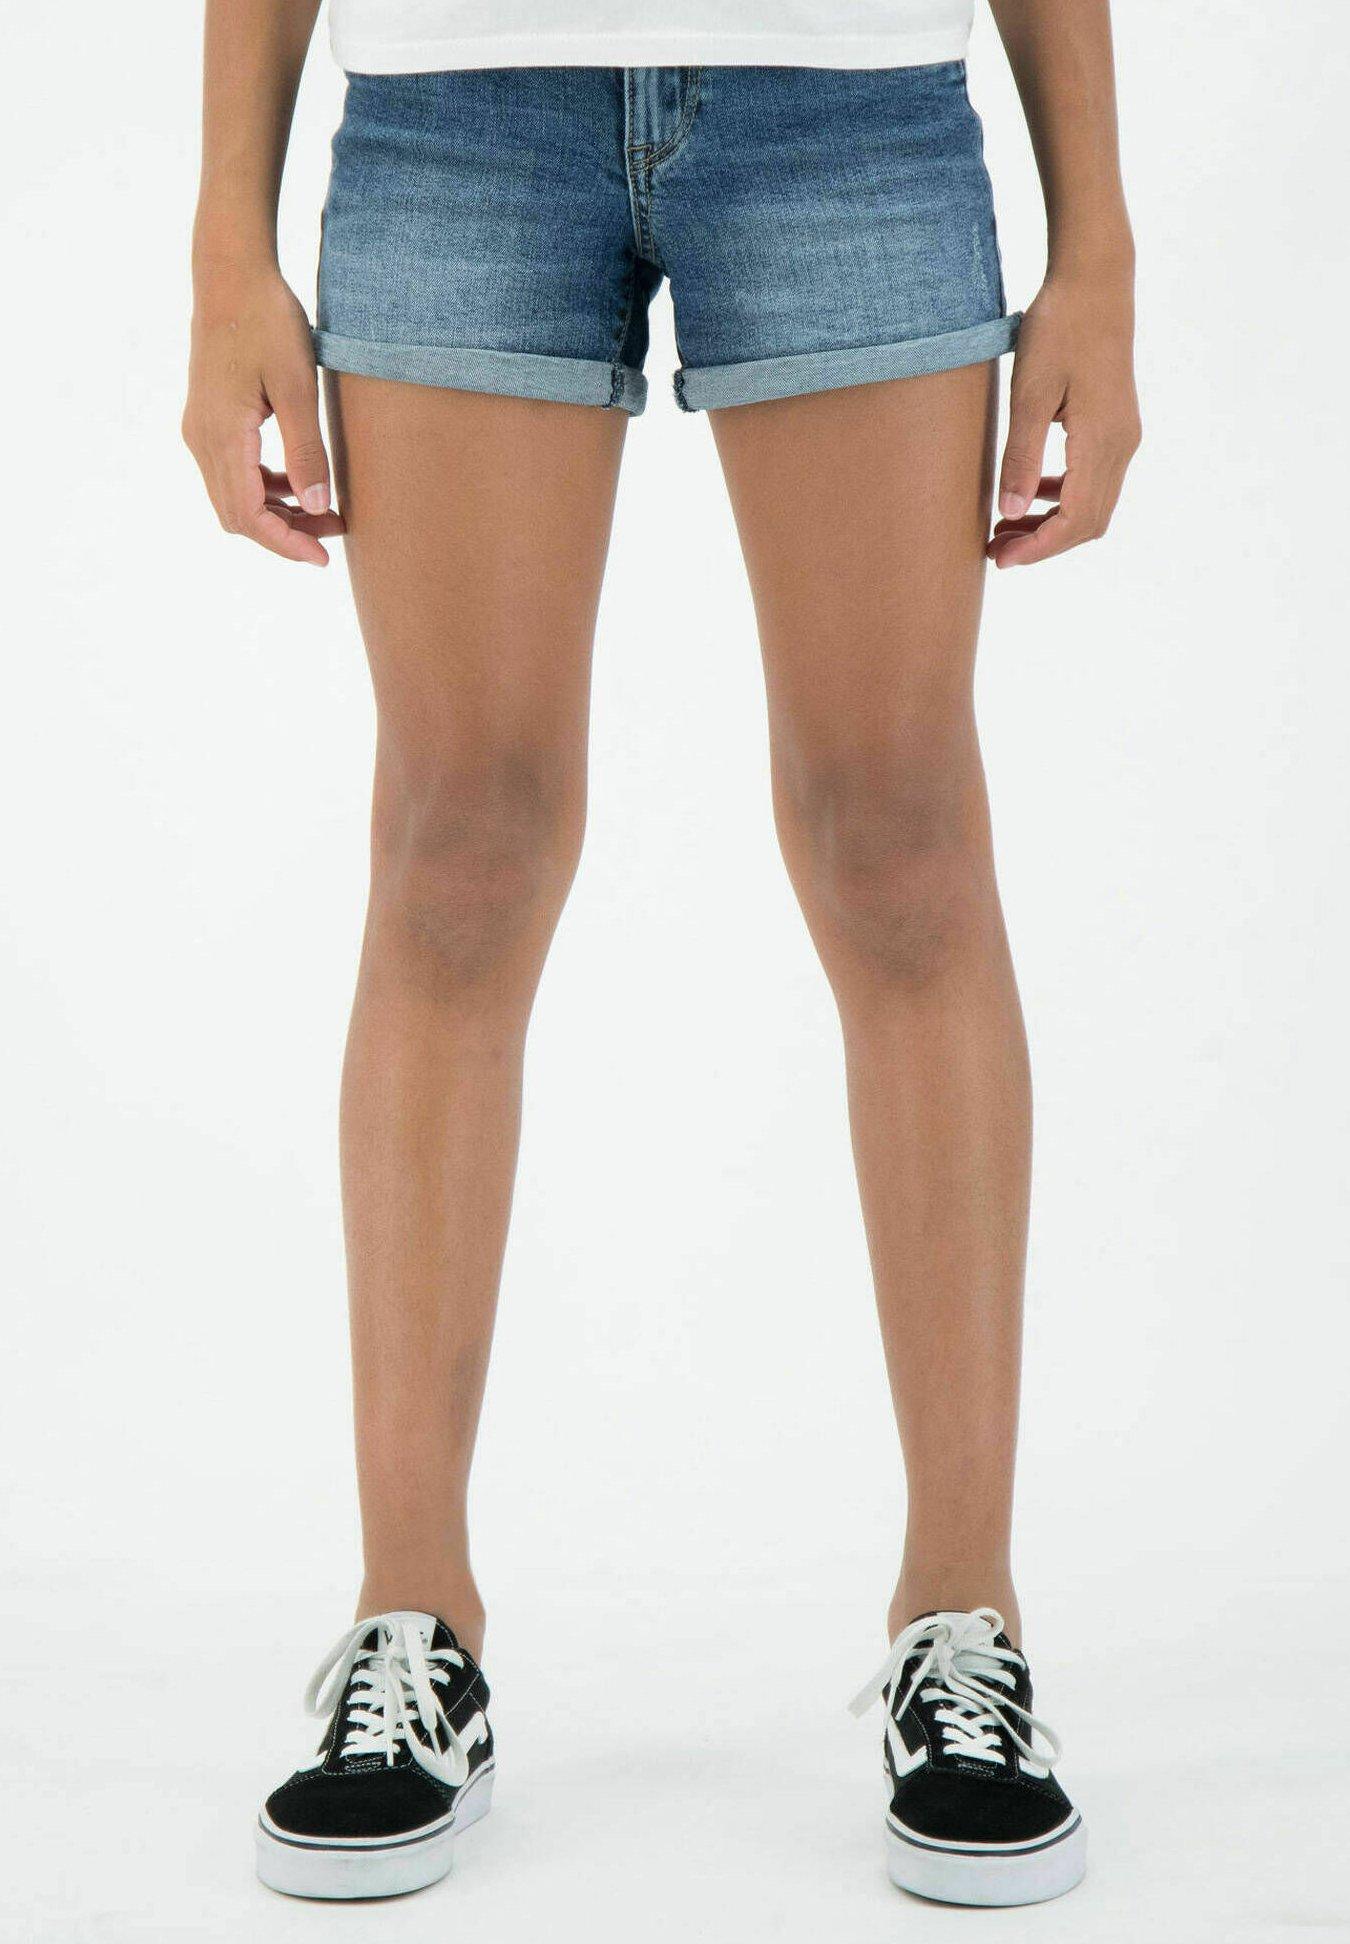 Kinder SARA - Jeans Shorts - blue